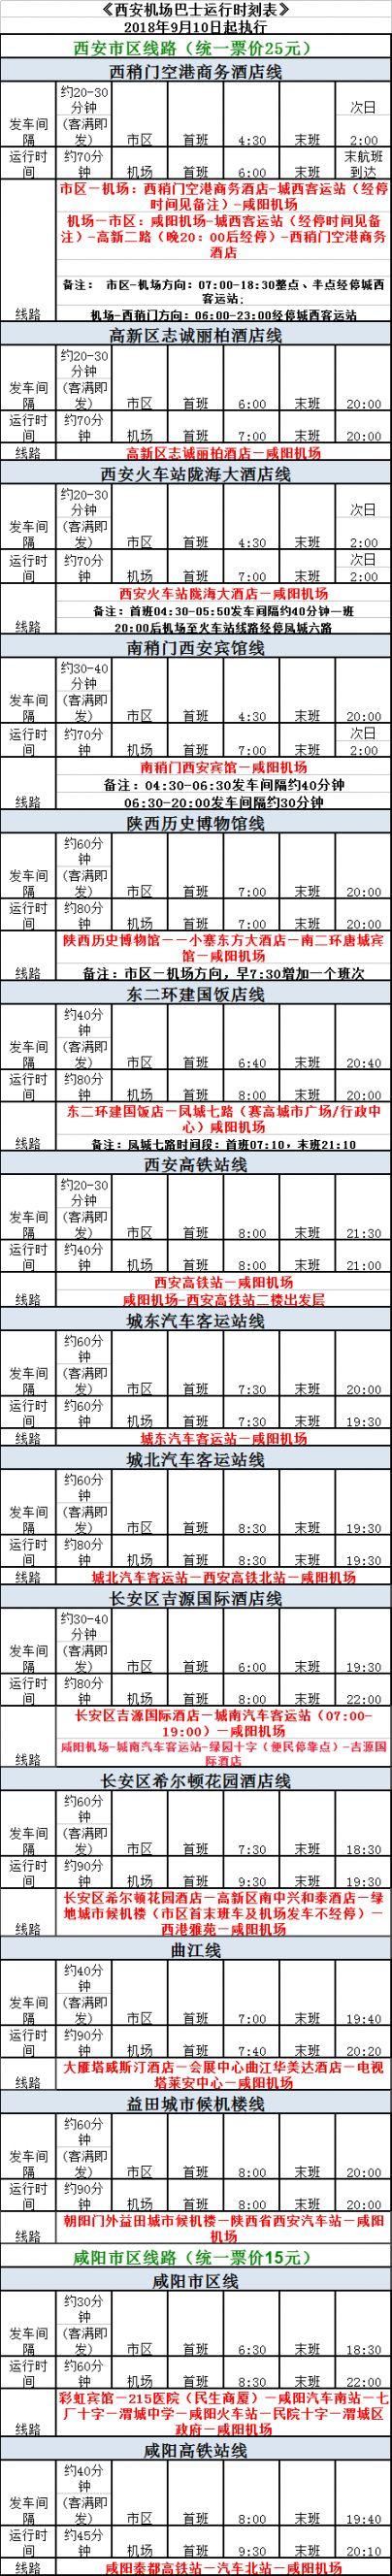 2018西安机场大巴时刻表(时间+线路)